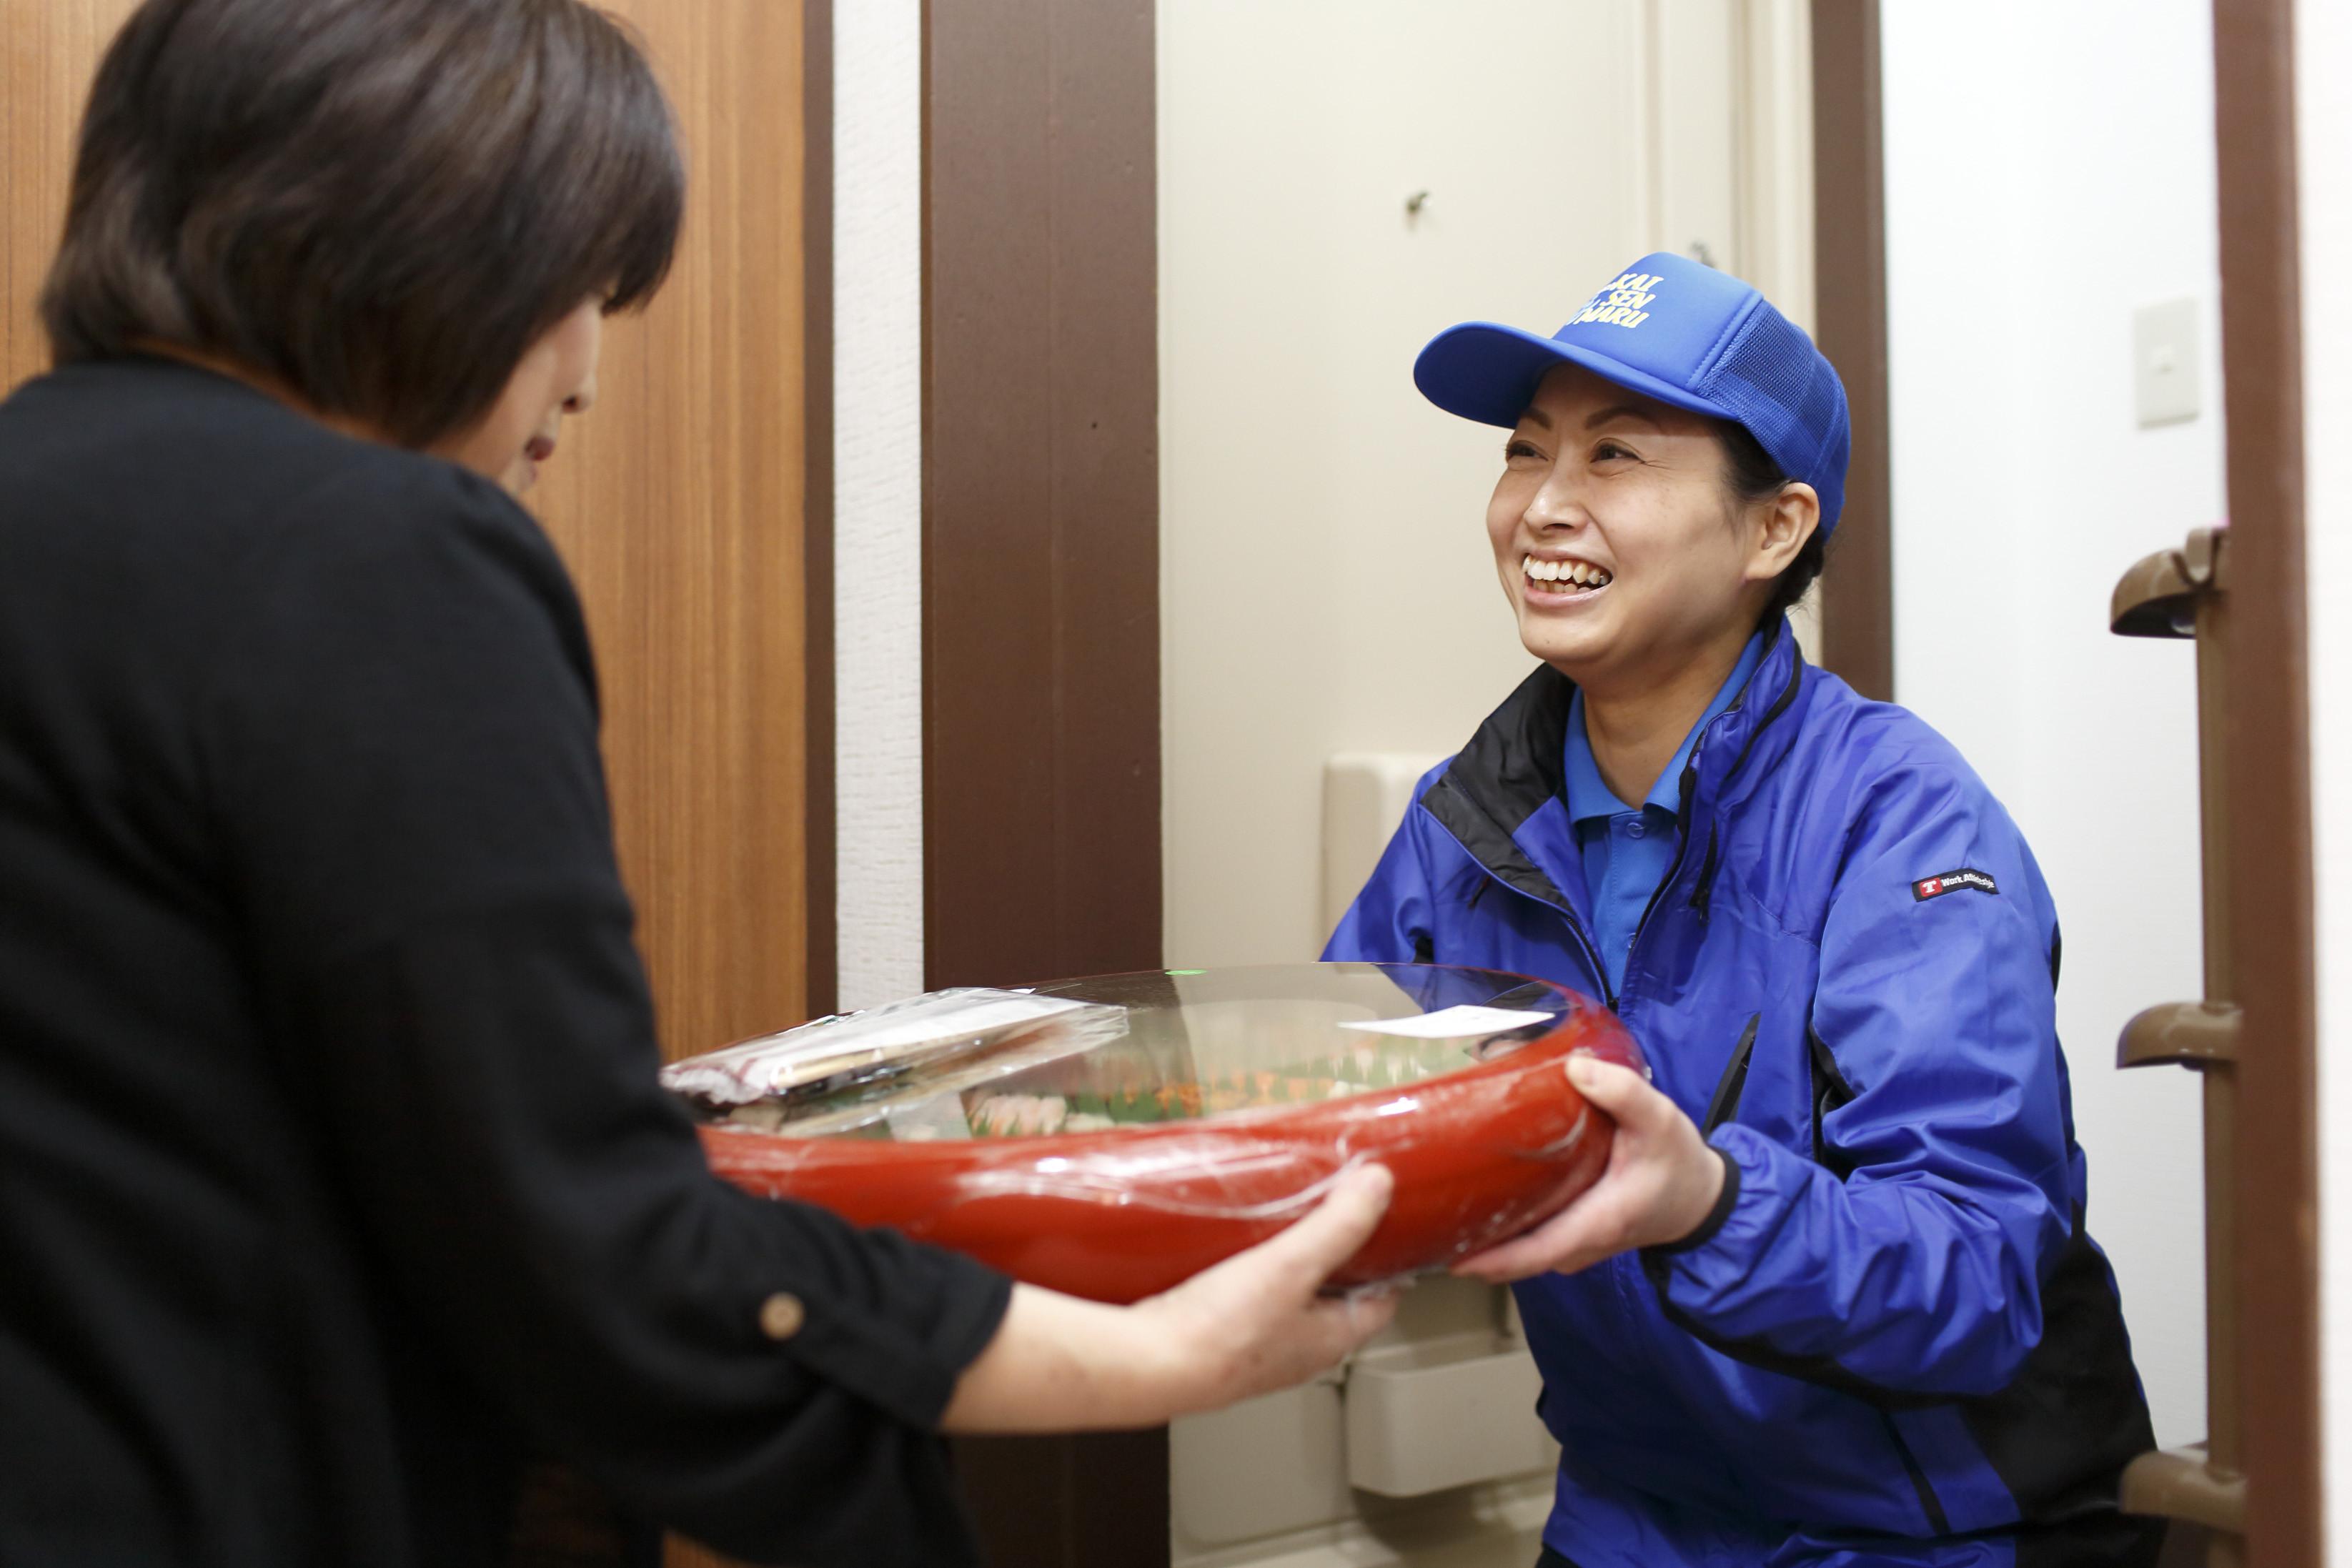 札幌海鮮丸 福住店 デリバリー(配達)スタッフのアルバイト情報